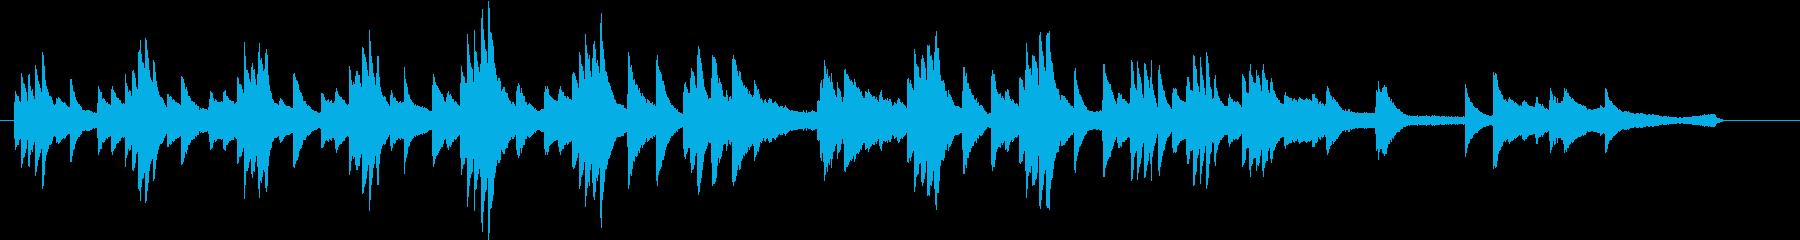 夏のイメージのピアノ02の再生済みの波形